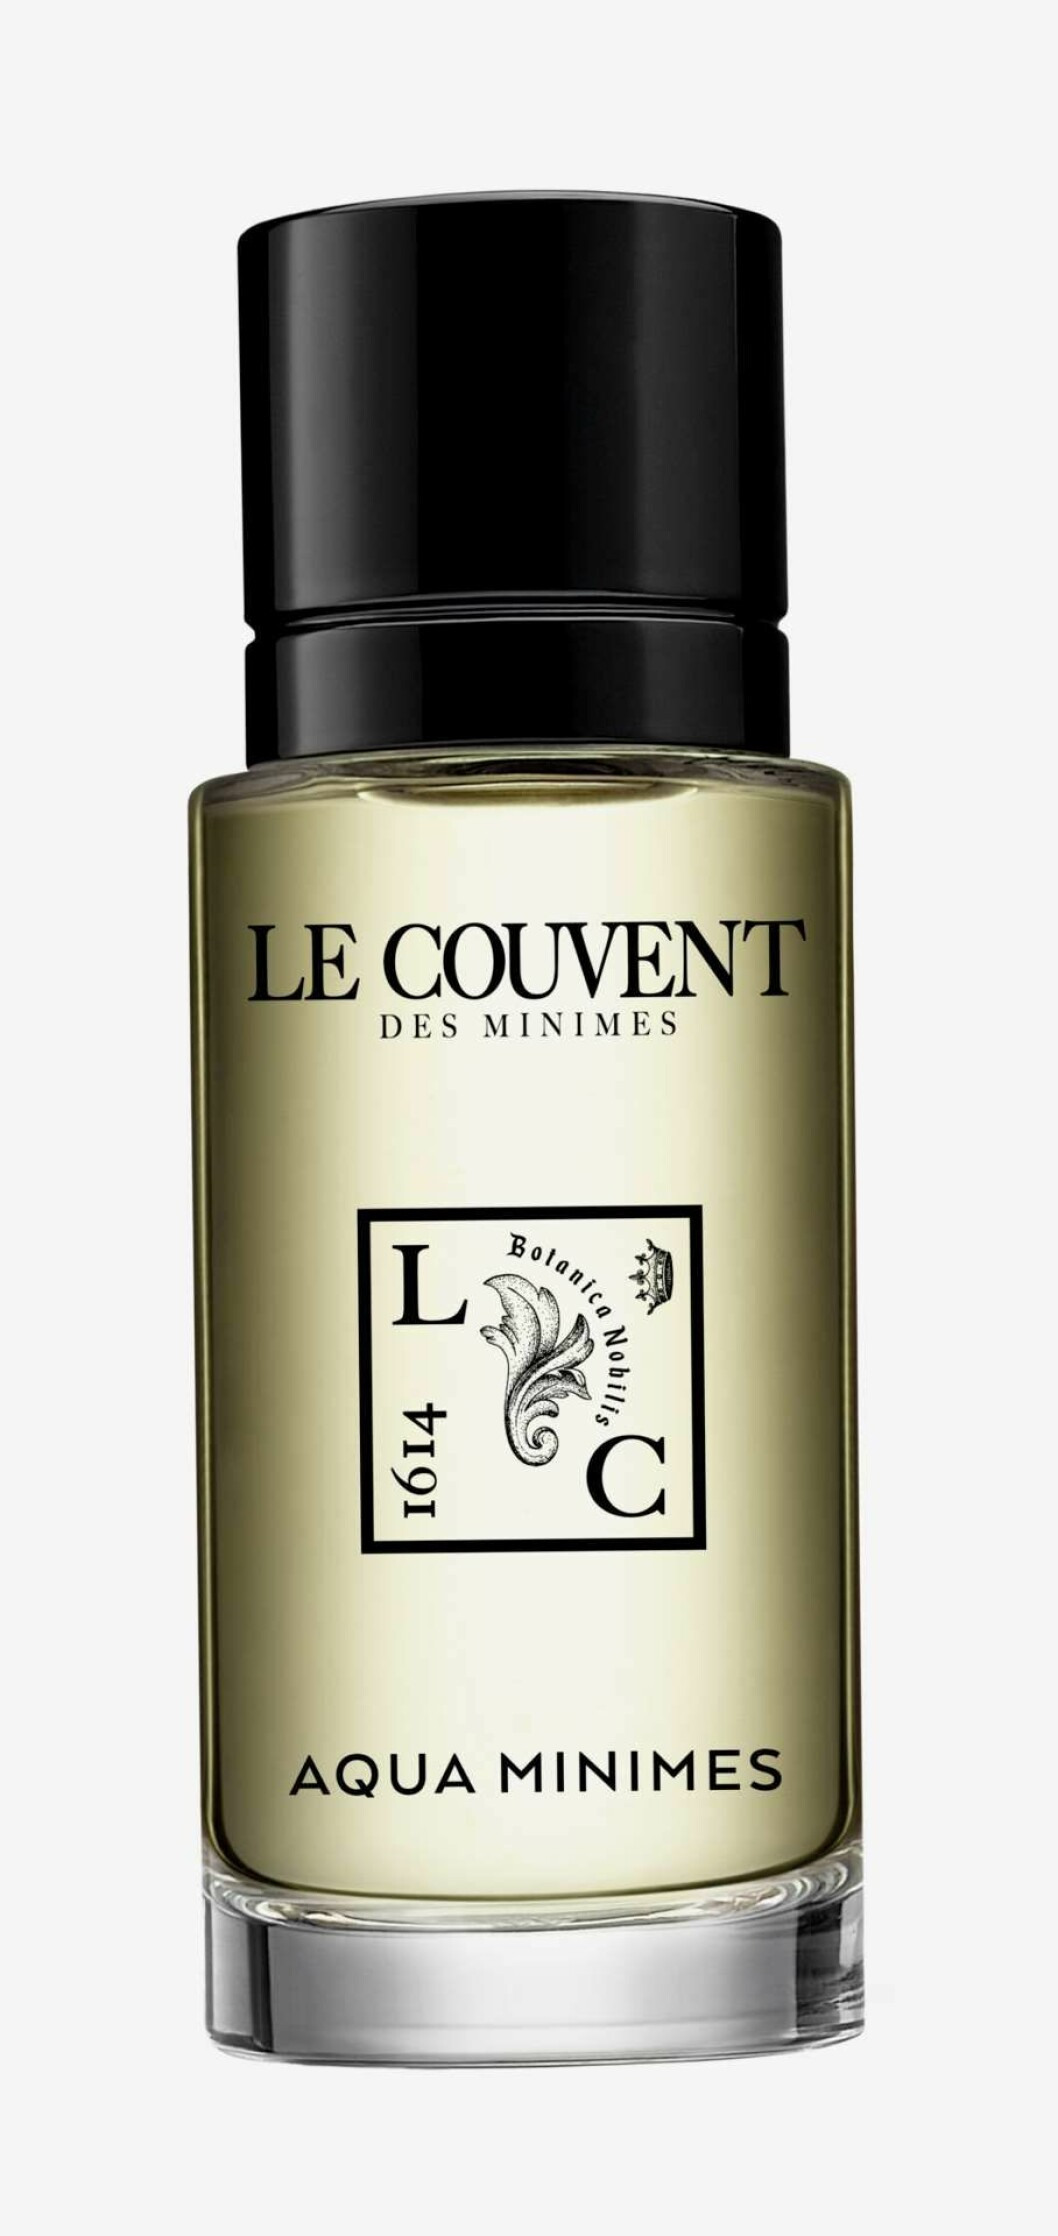 Parfymen Aqua Minimes från Le Couvent.